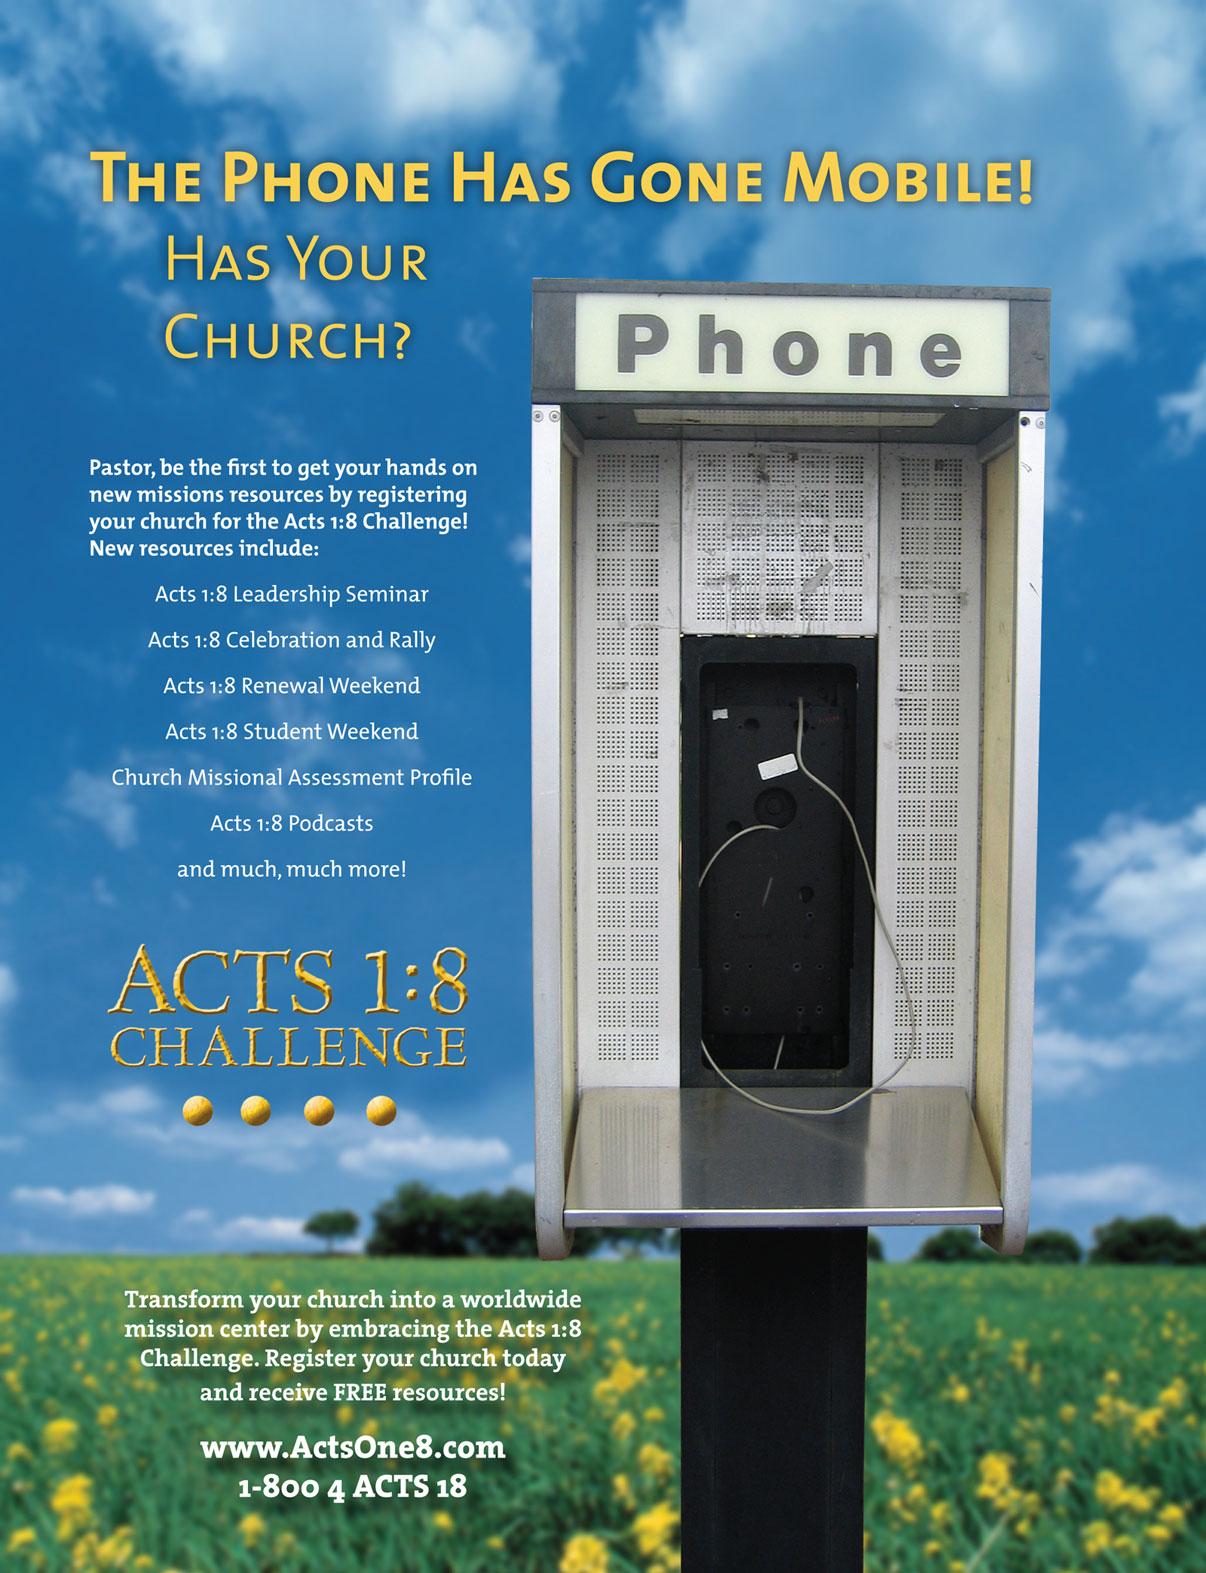 Acts 1:8 Magazine ad